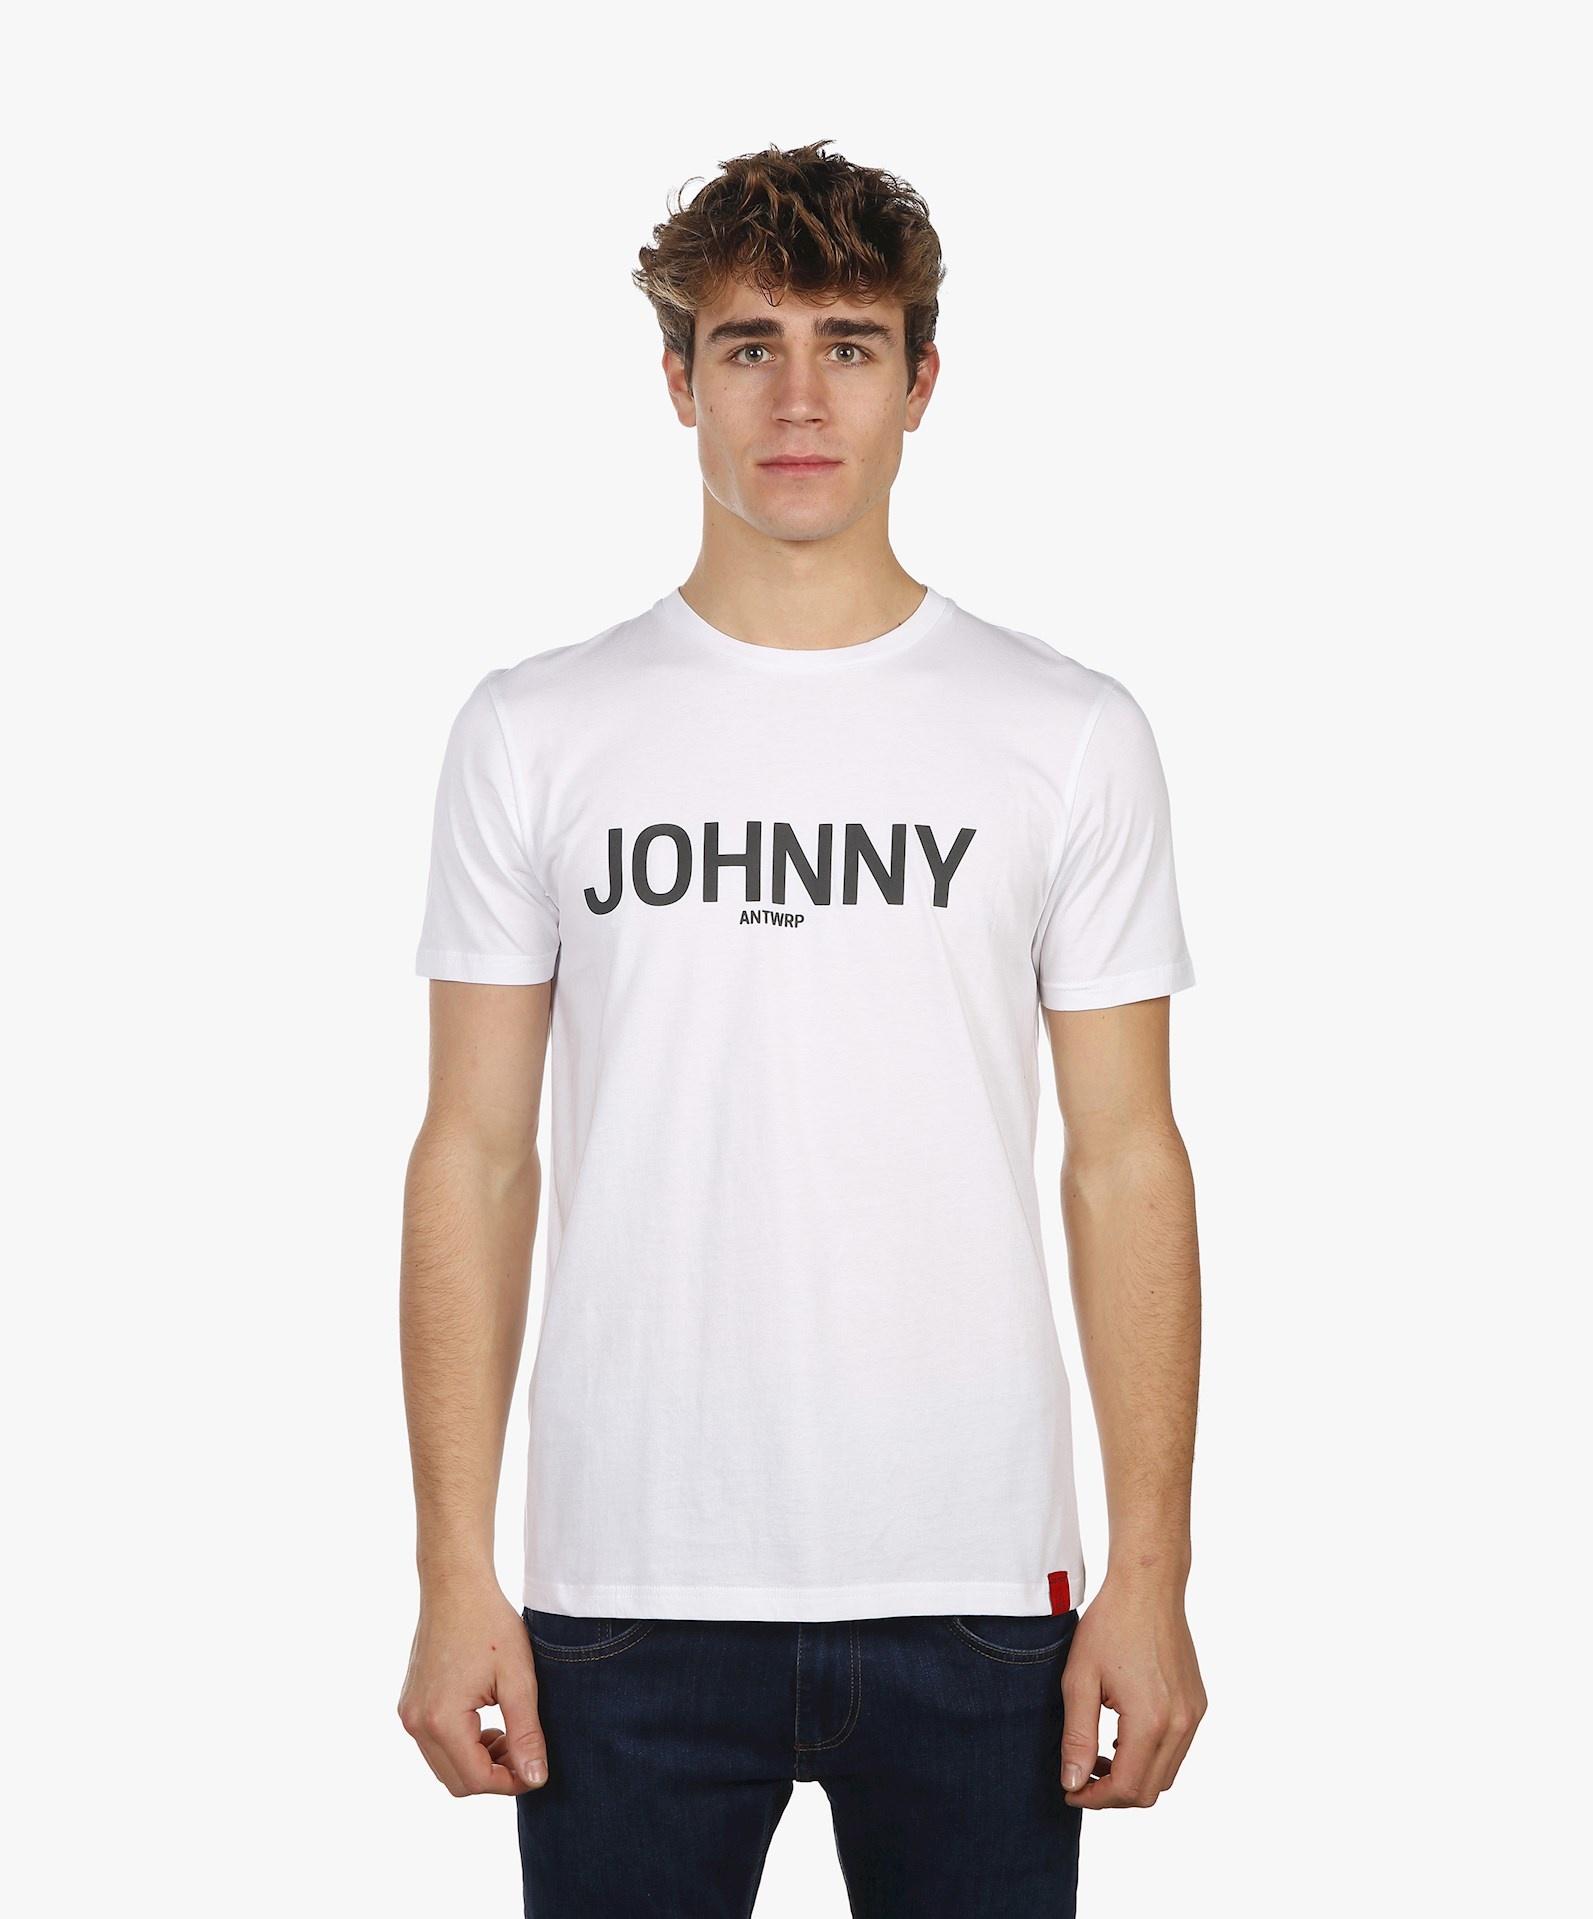 Antwrp T-shirt Antwrp BTS025-L001-100